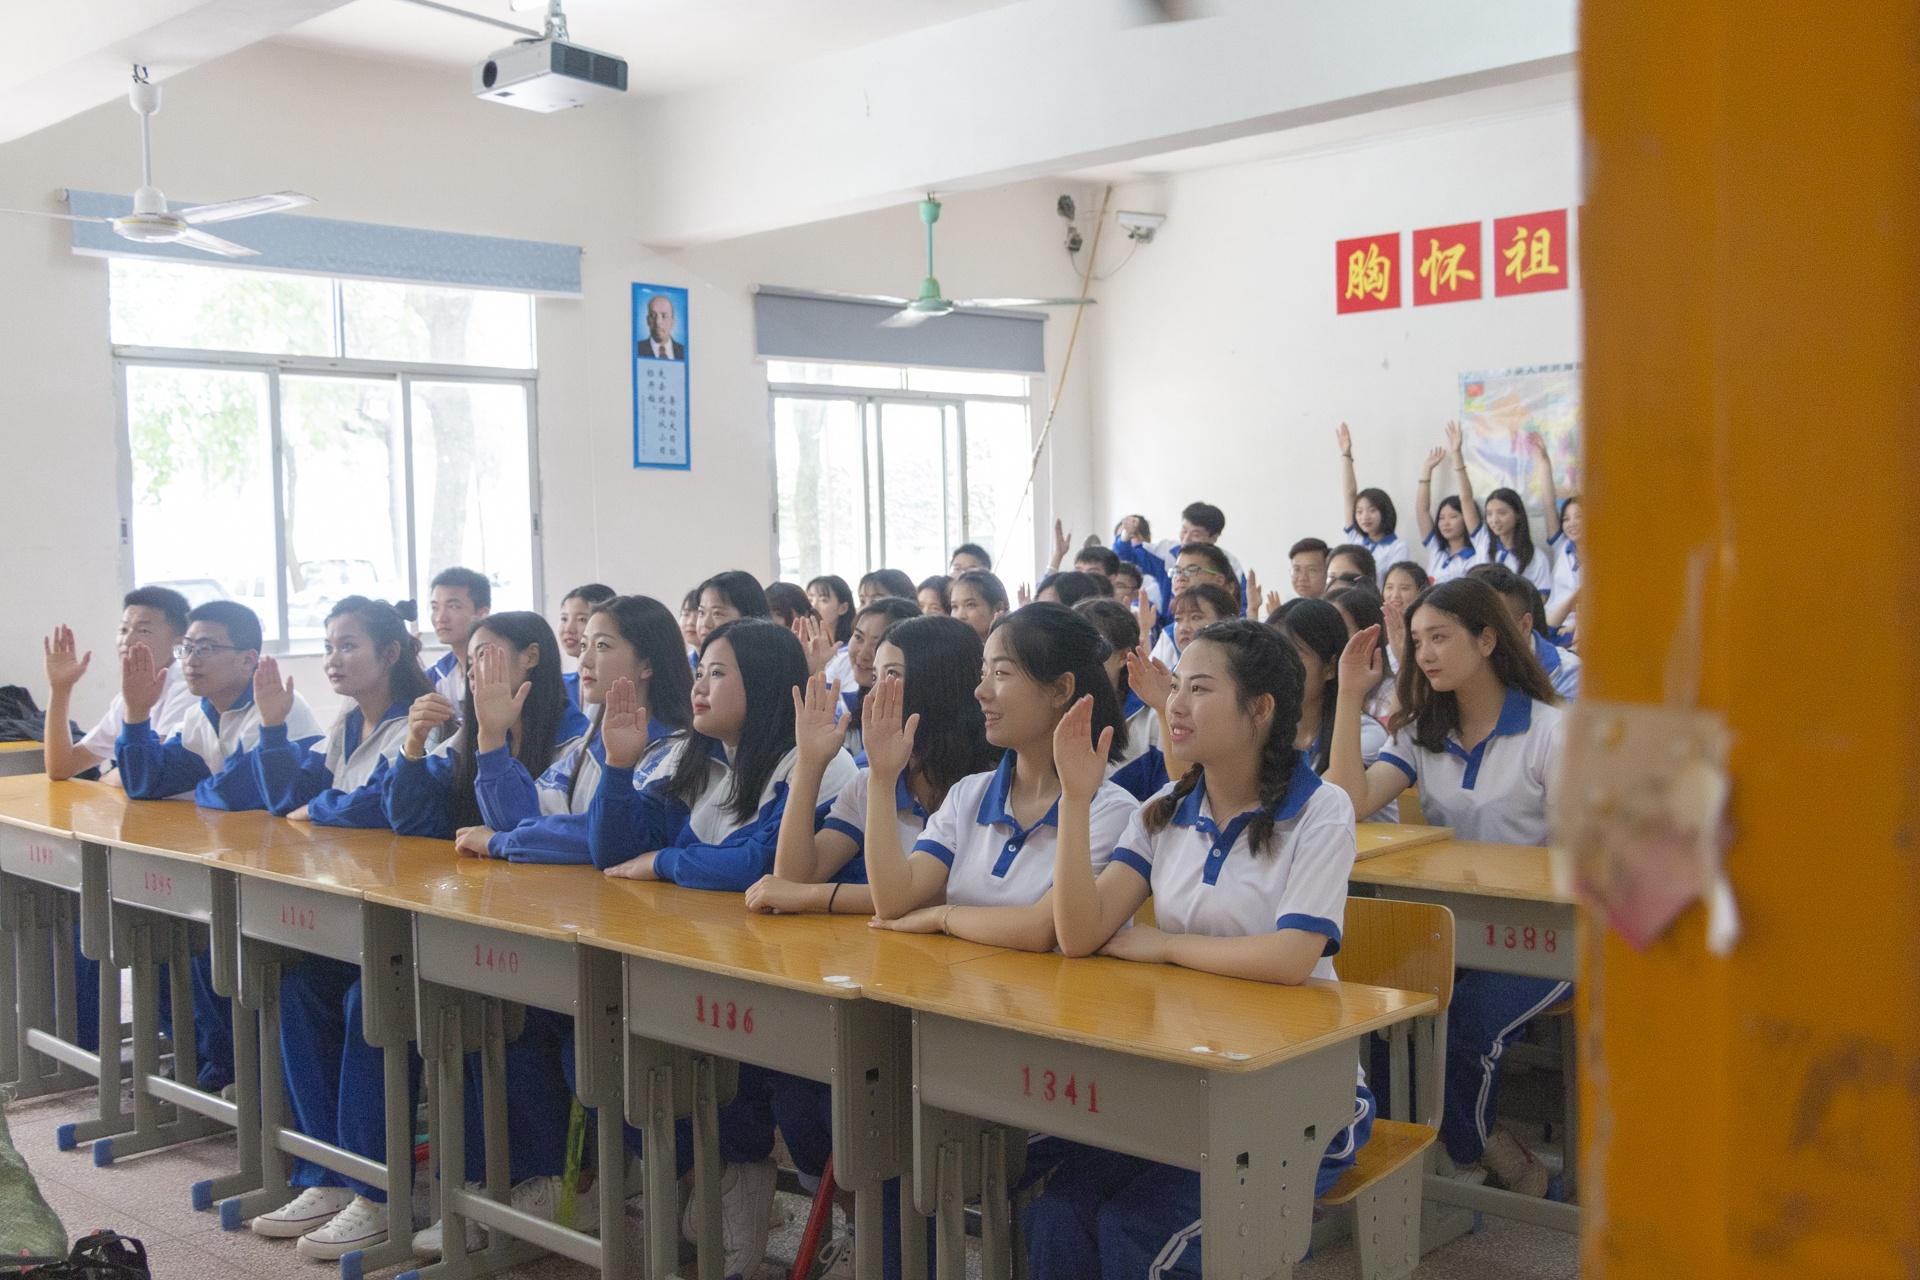 2019湖南应用技术学院毕业纪念册 常德  第34张